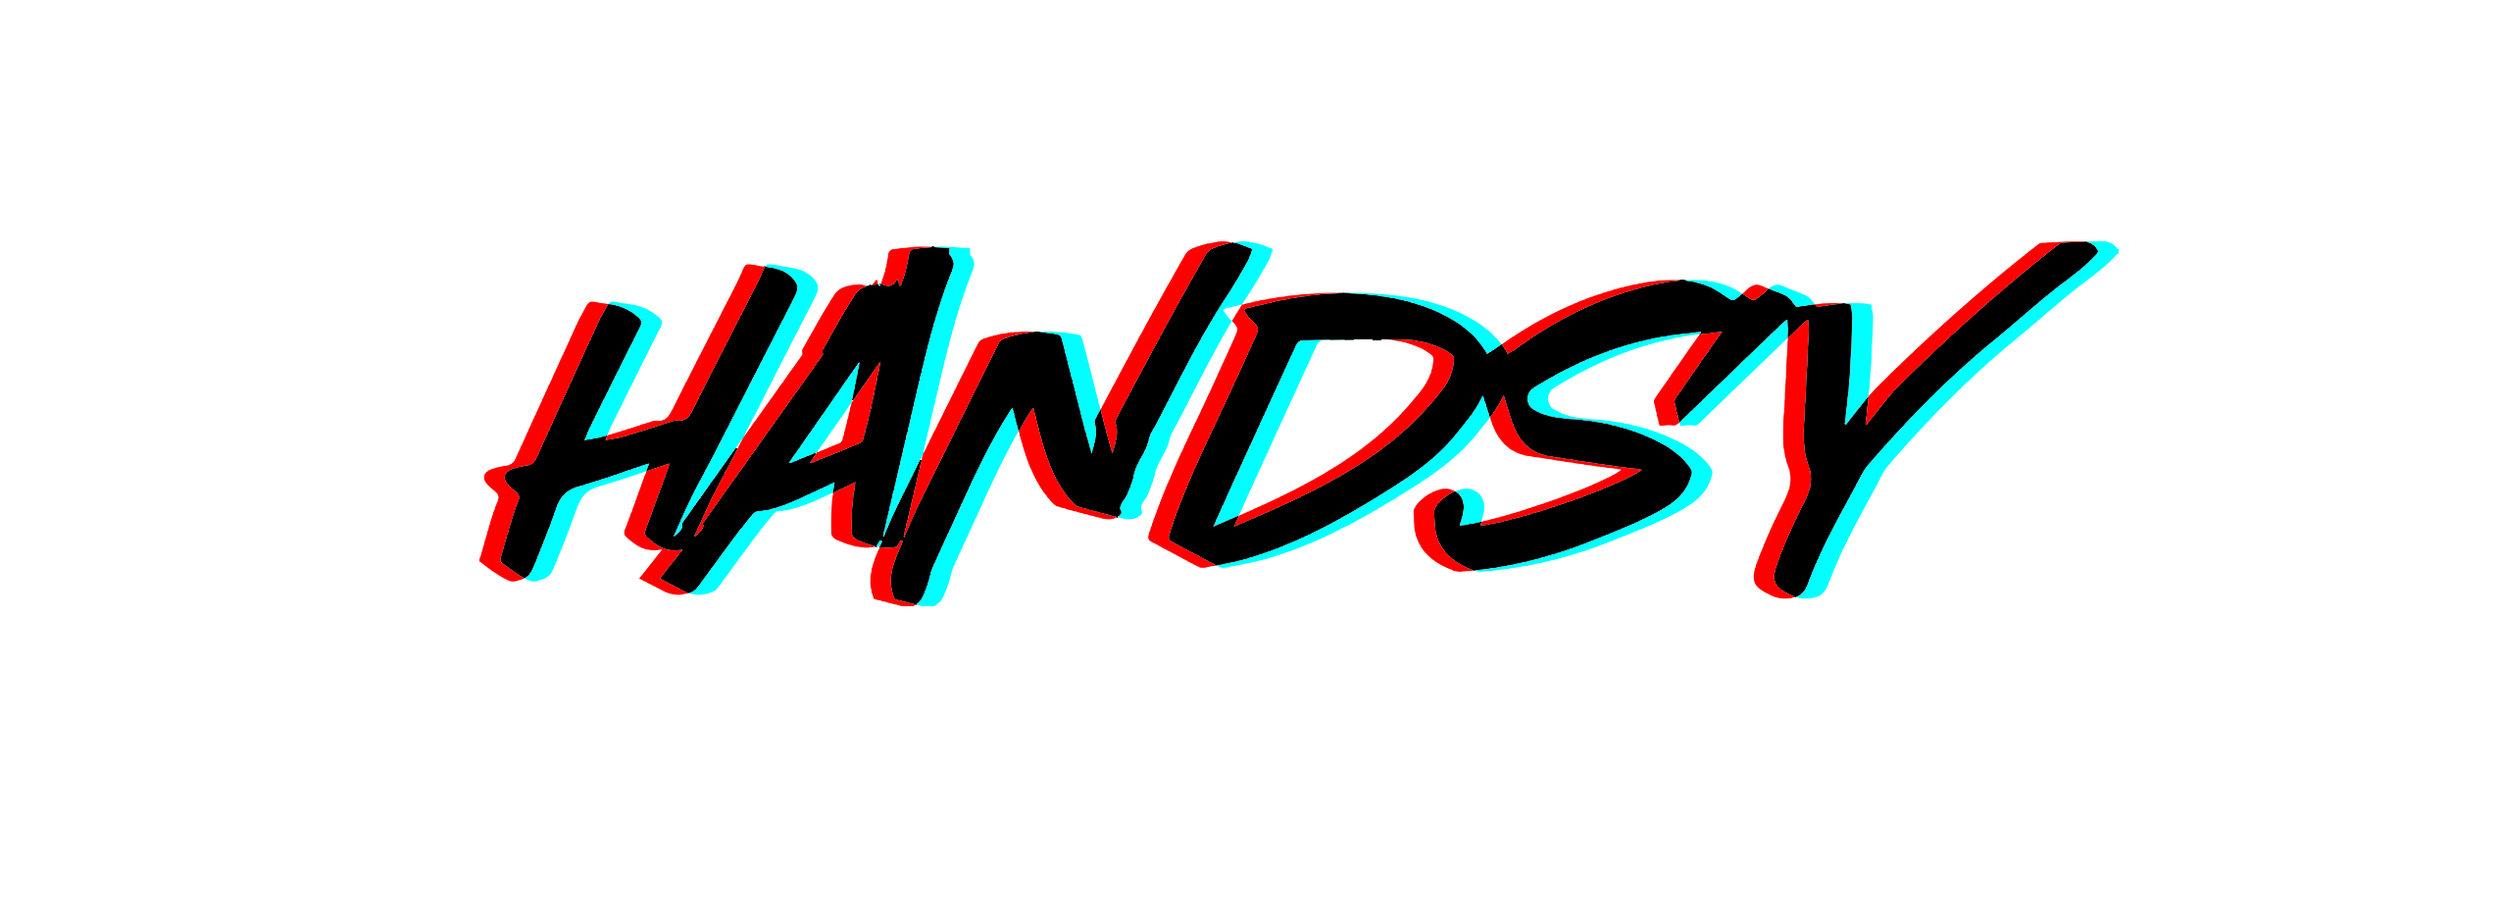 handsywhiteback.jpg